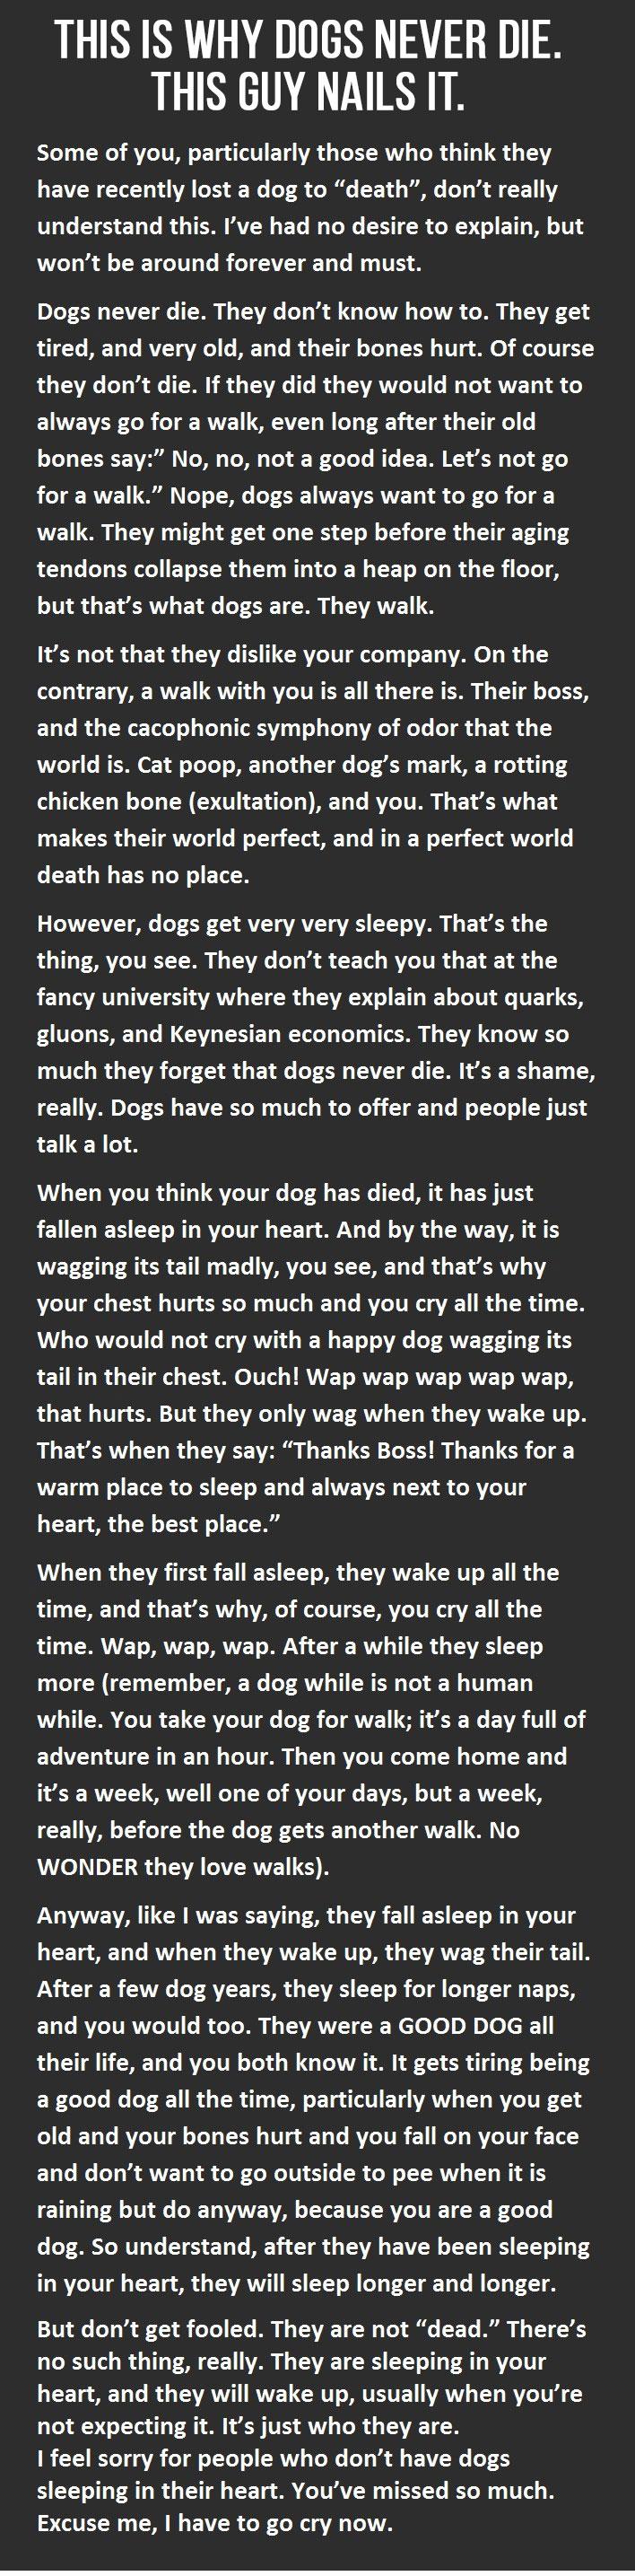 dogsd